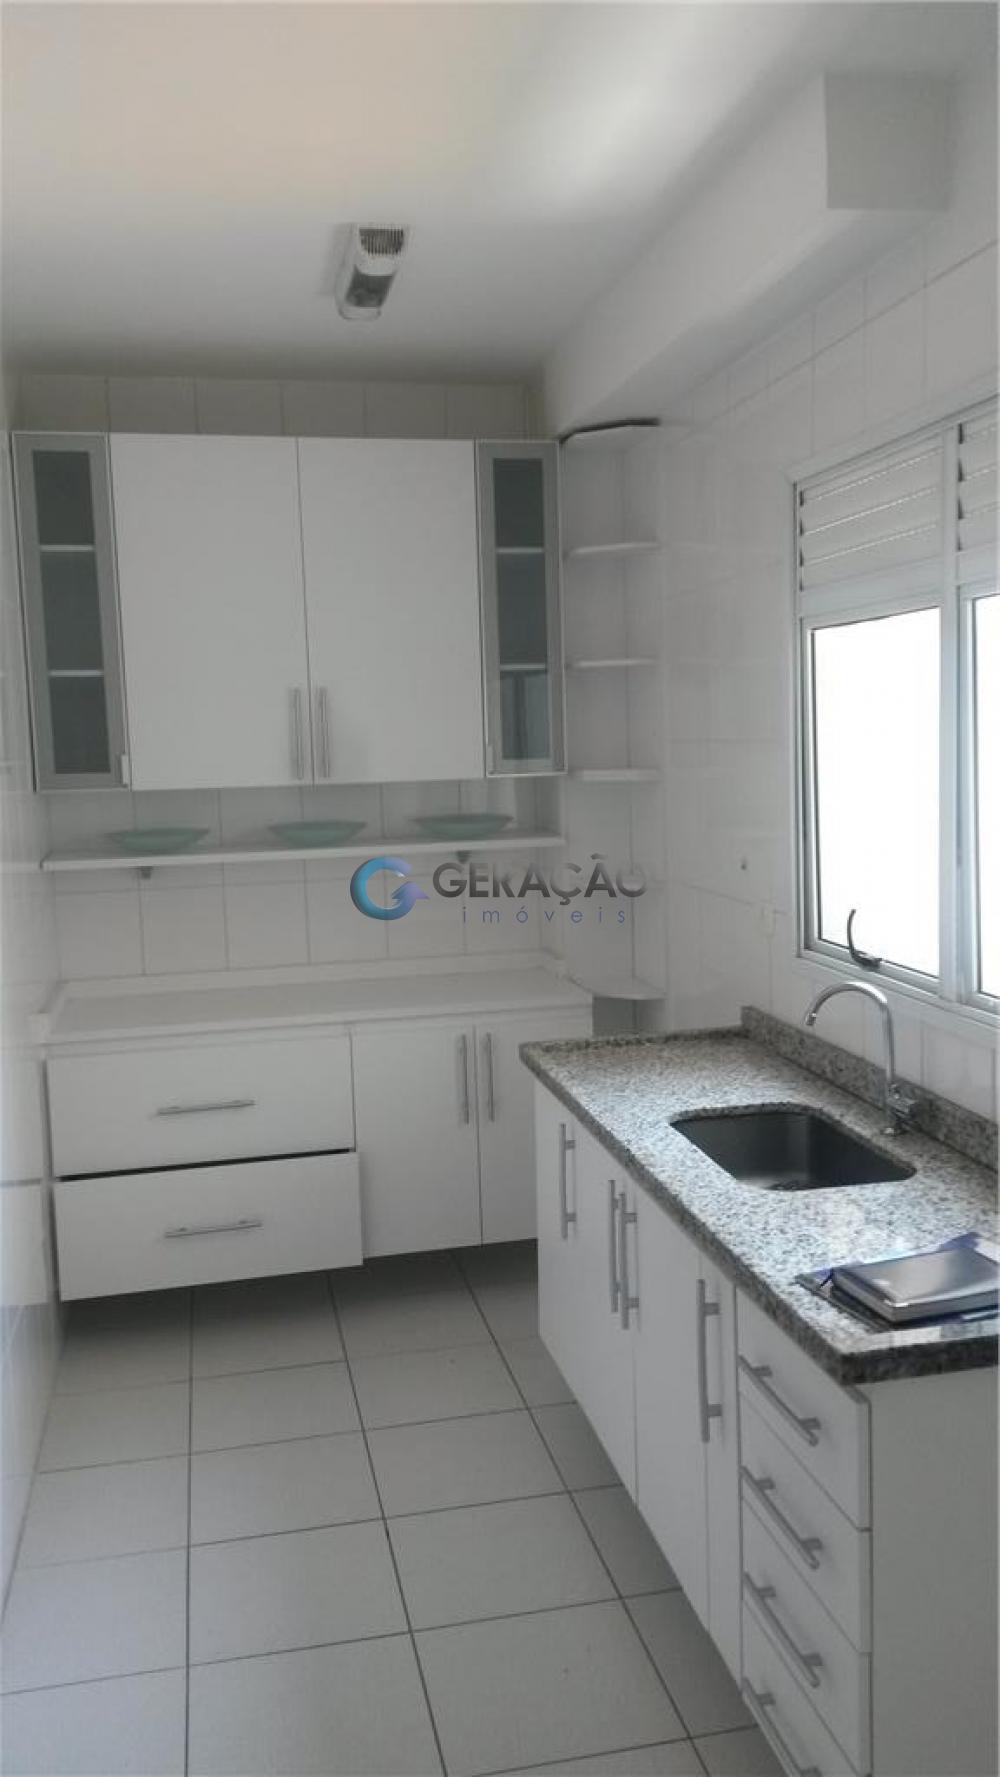 Alugar Apartamento / Padrão em São José dos Campos apenas R$ 3.200,00 - Foto 5